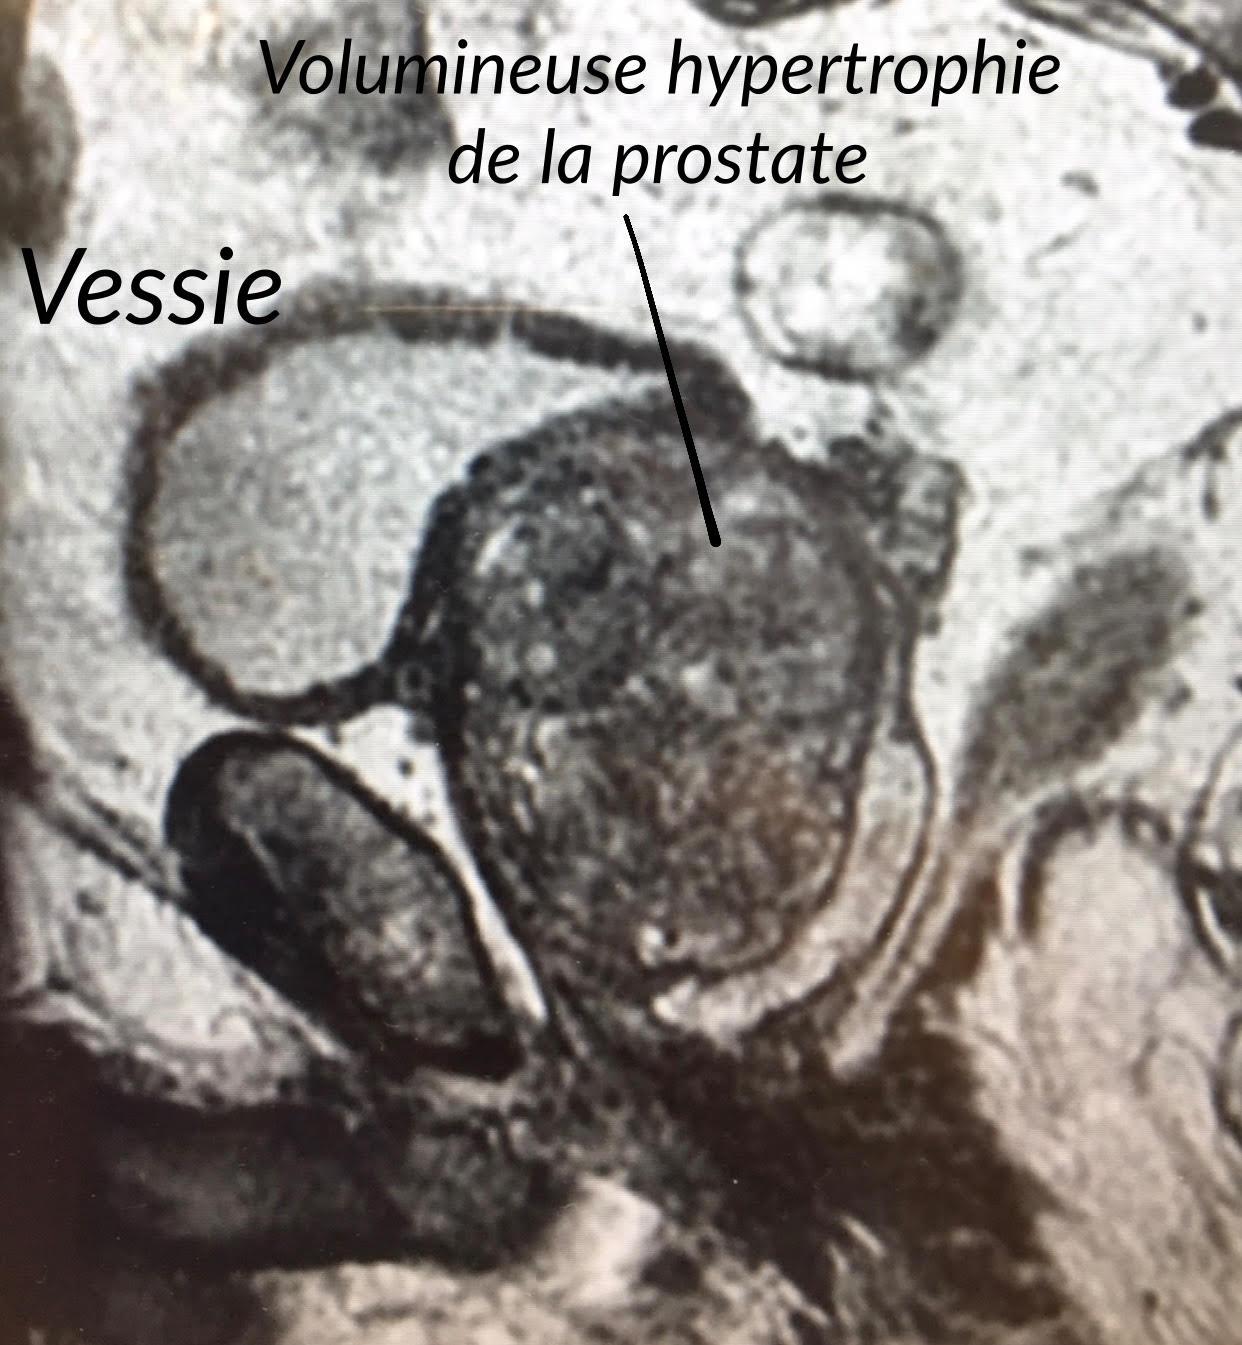 - IRM d'un volumineux adénome de prostate de 195 grammes avant une énucléation prostatique laser (HoLEP)